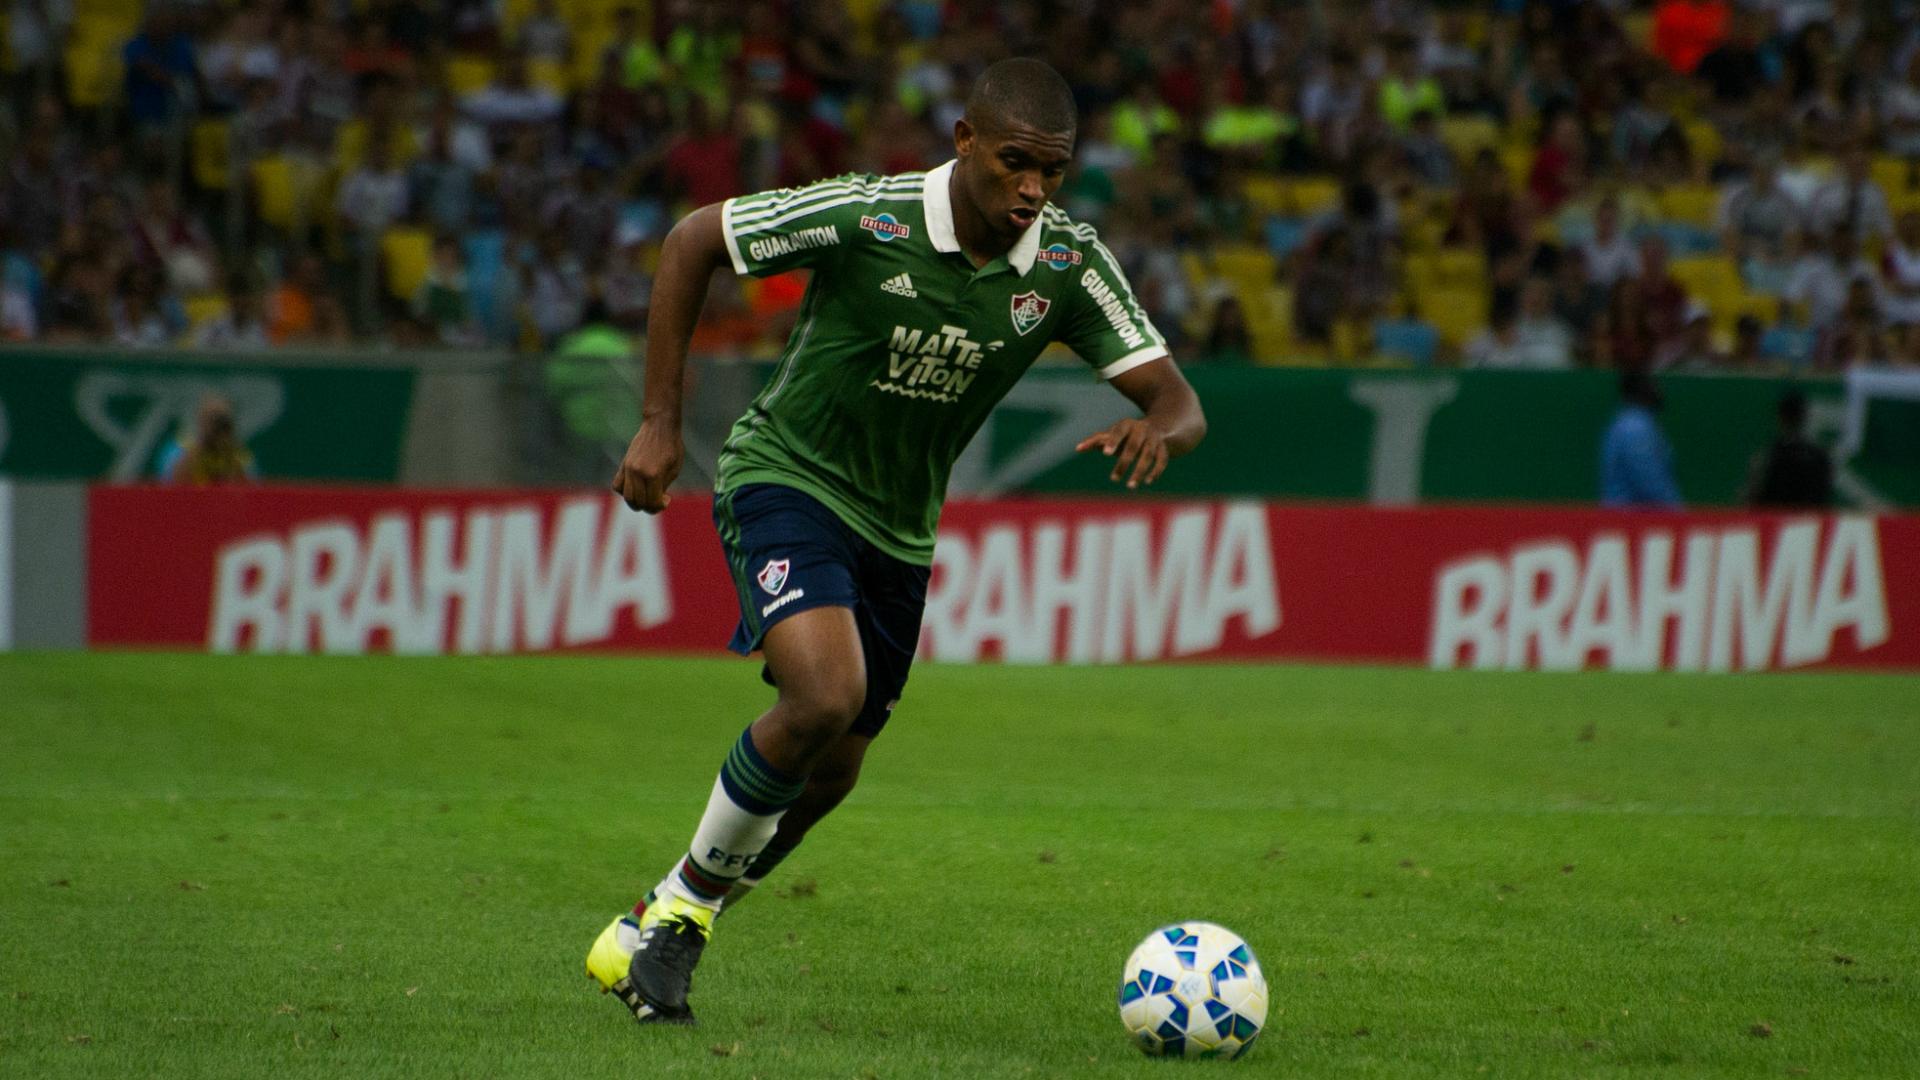 43594136de Veja 17 jogadores brasileiros que podem ir para Europa